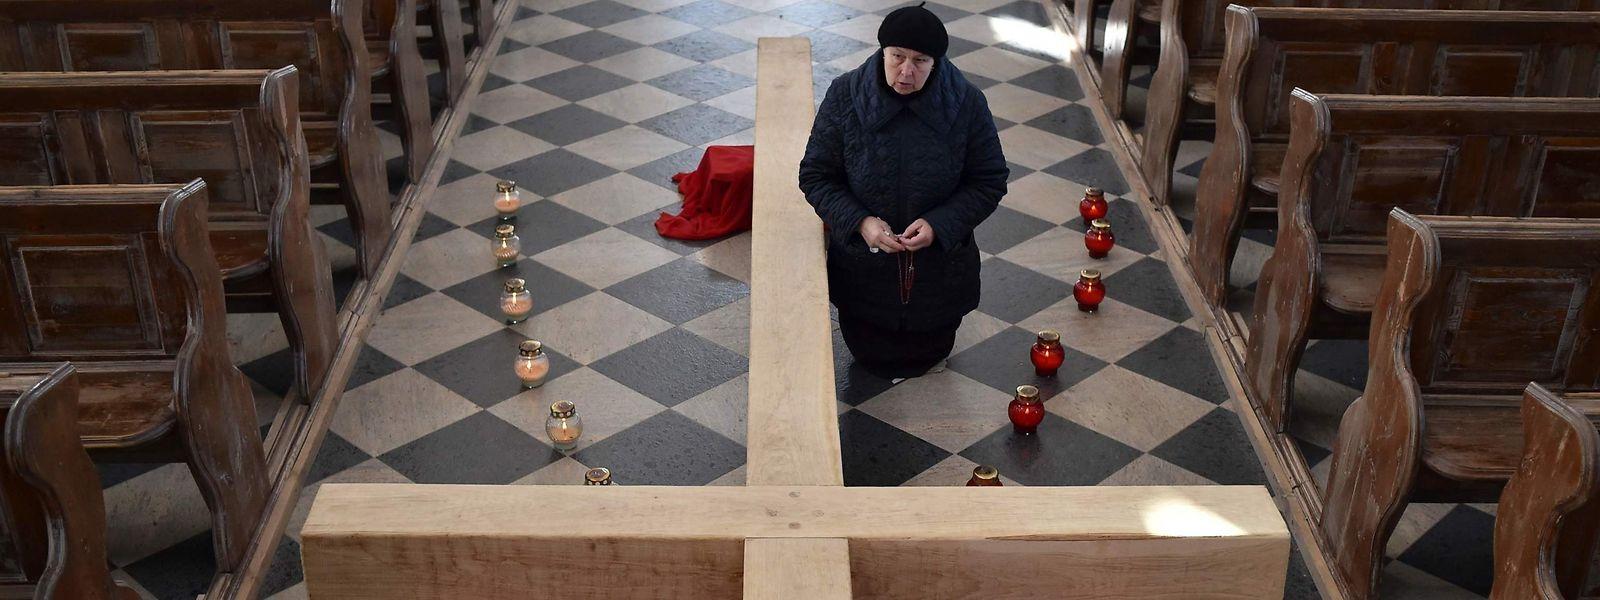 A Minsk, dans une église catholique dans l'attente de la Pâques. Le virus cependant poursuit son avancée.